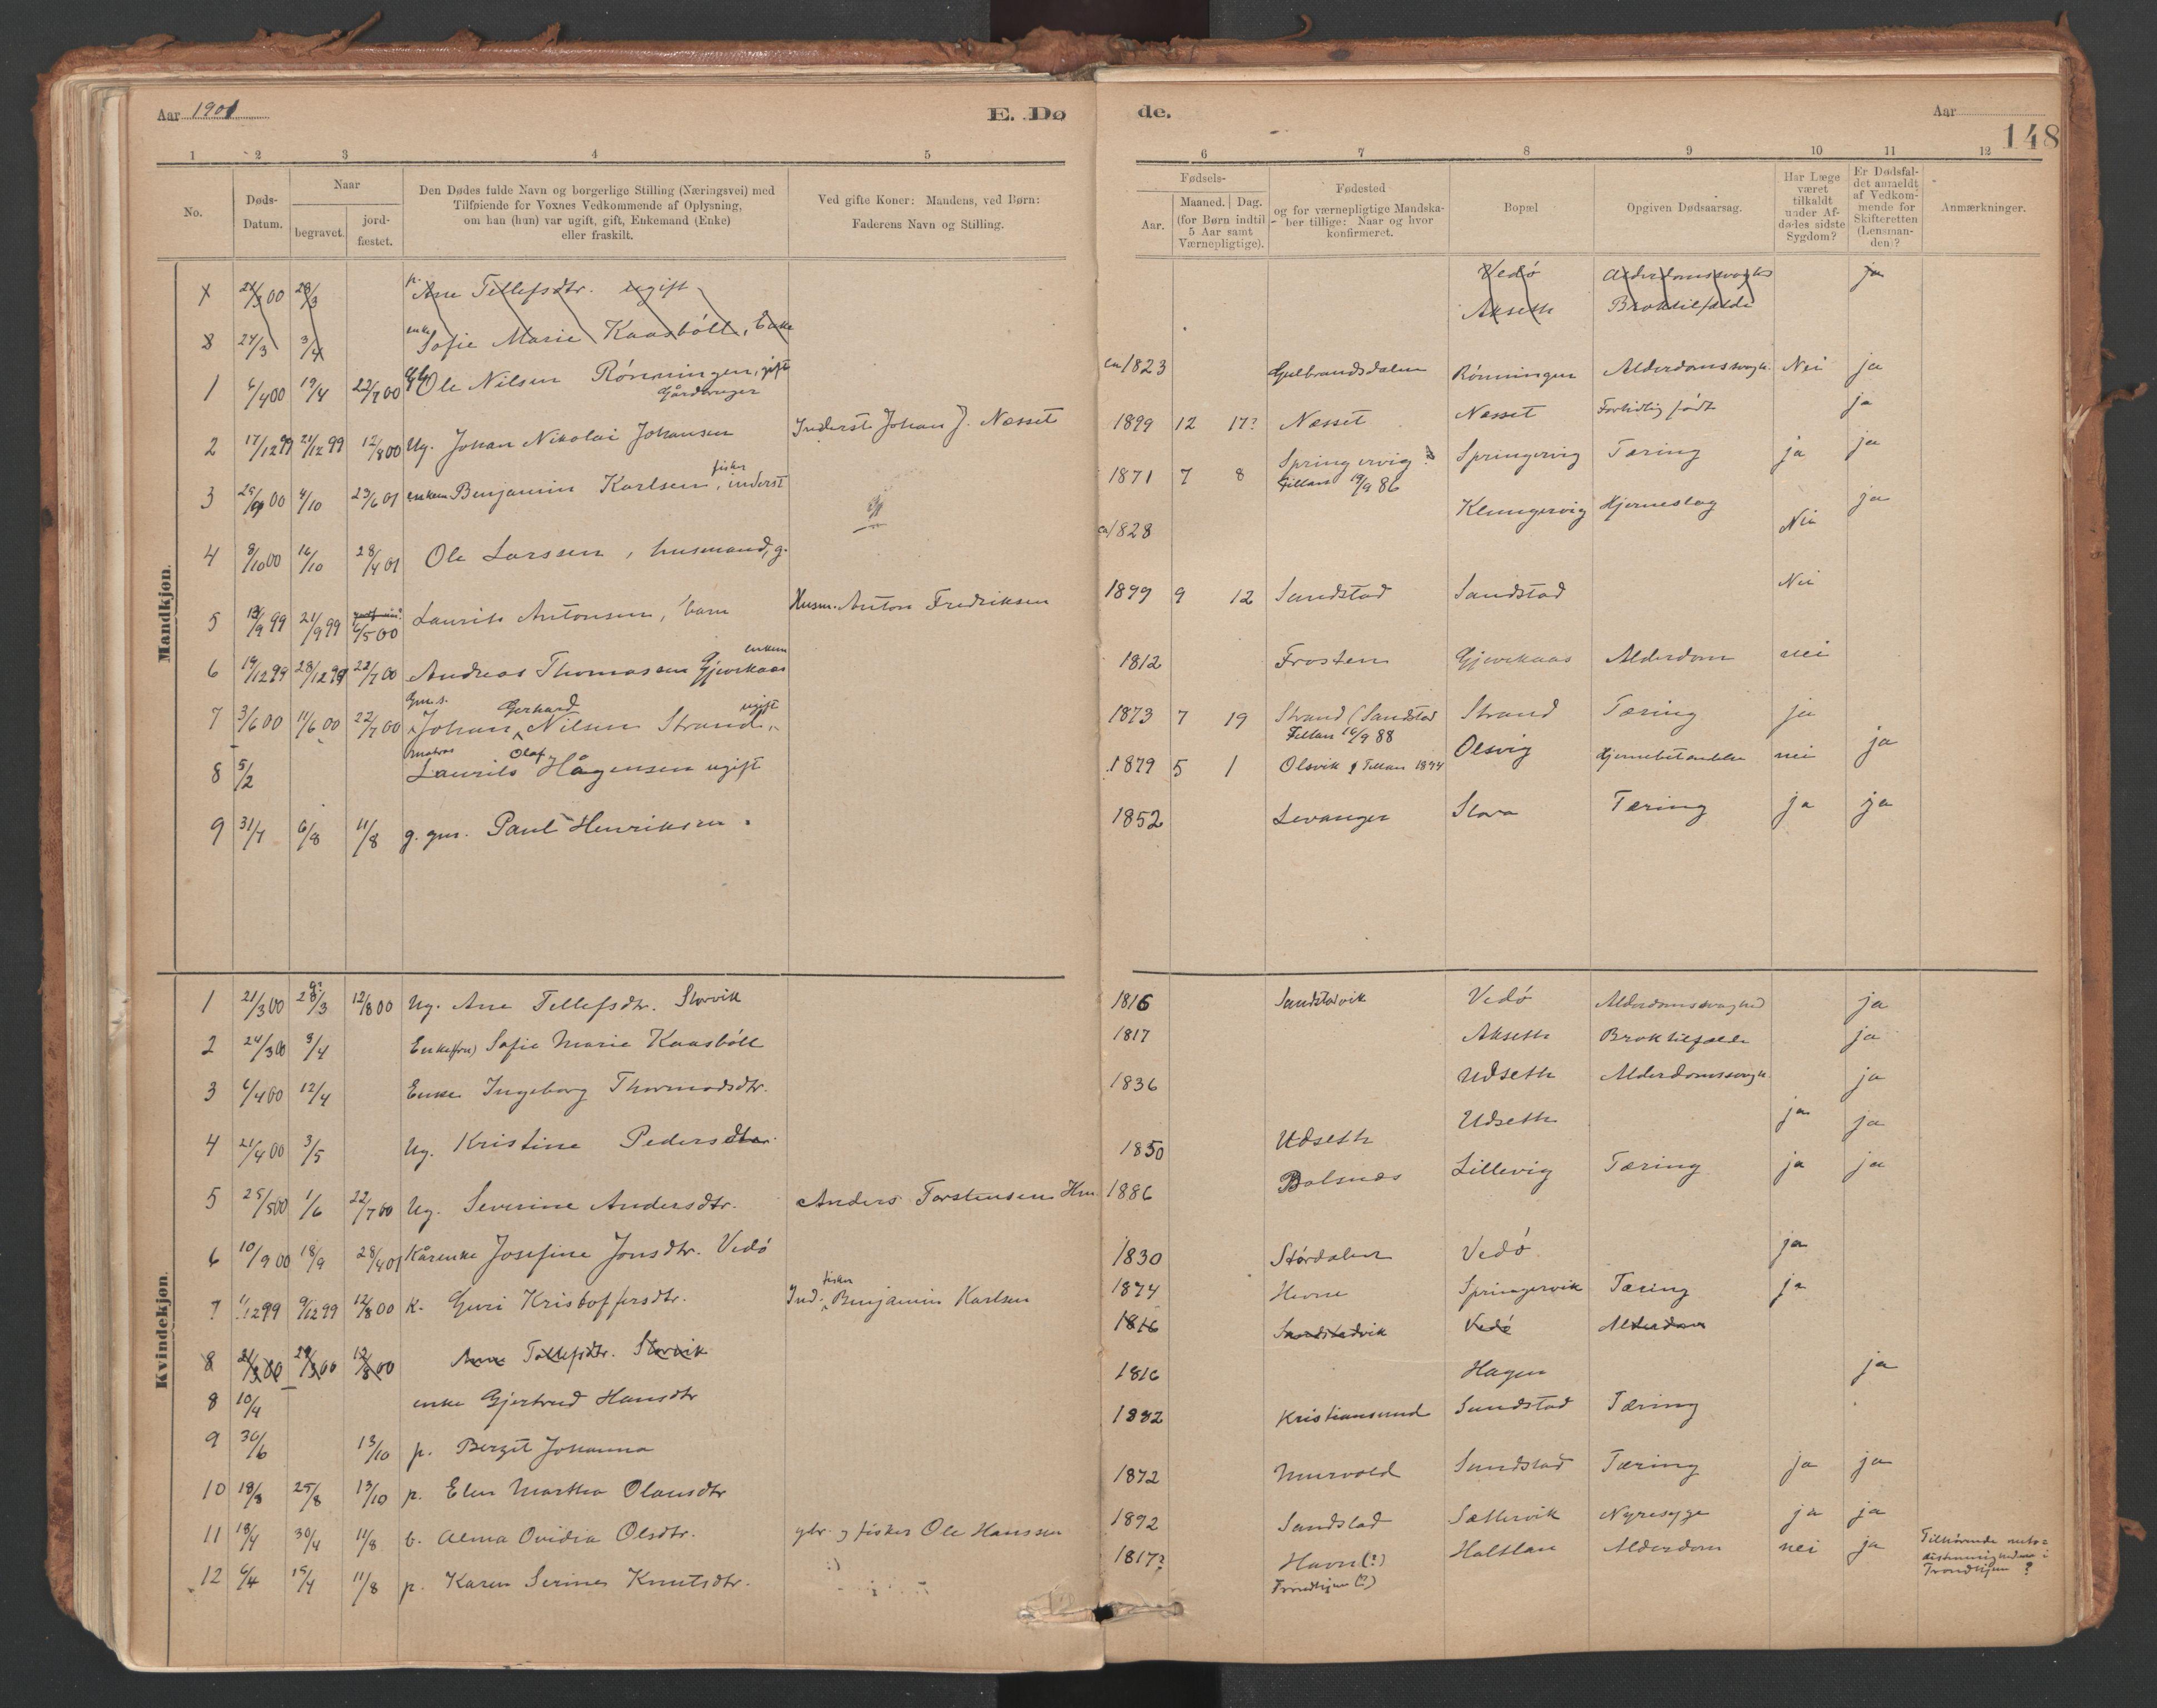 SAT, Ministerialprotokoller, klokkerbøker og fødselsregistre - Sør-Trøndelag, 639/L0572: Ministerialbok nr. 639A01, 1890-1920, s. 148